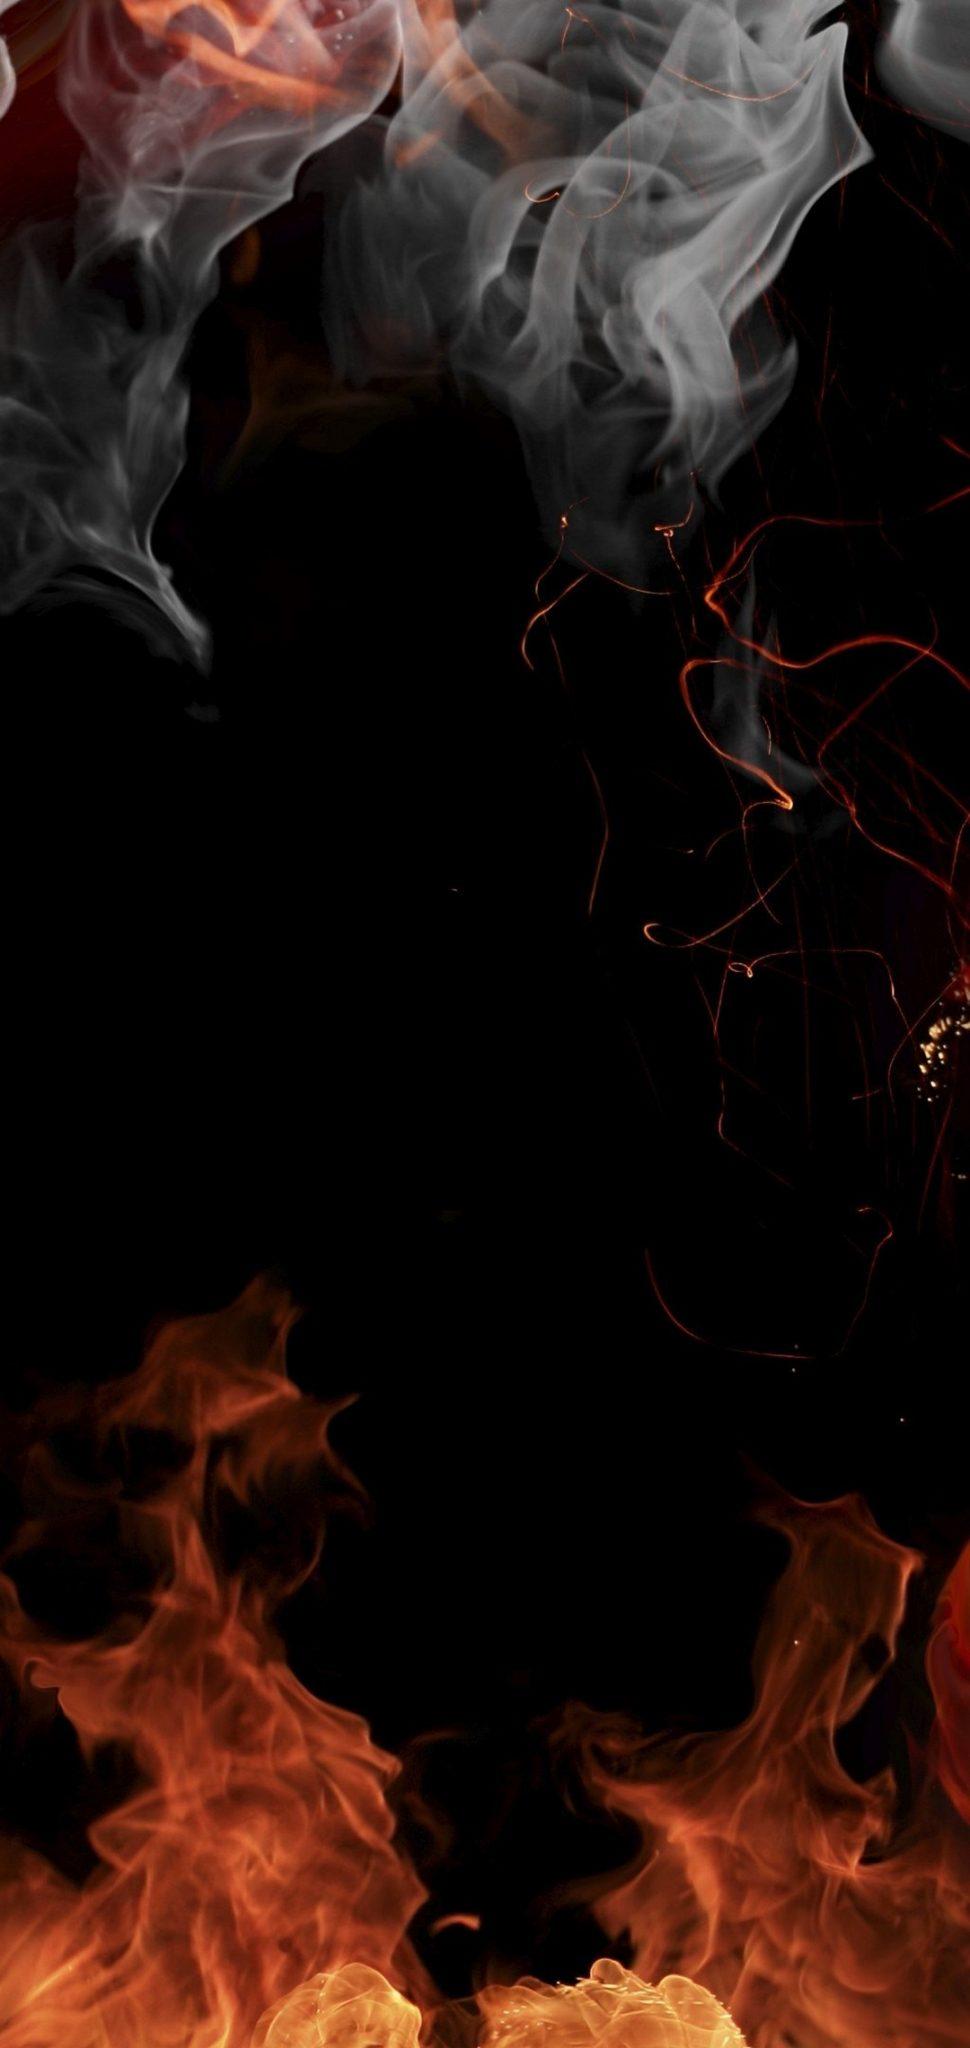 Fire Smoke Flowers Wallpaper 1080x2280 HD Wallpaper